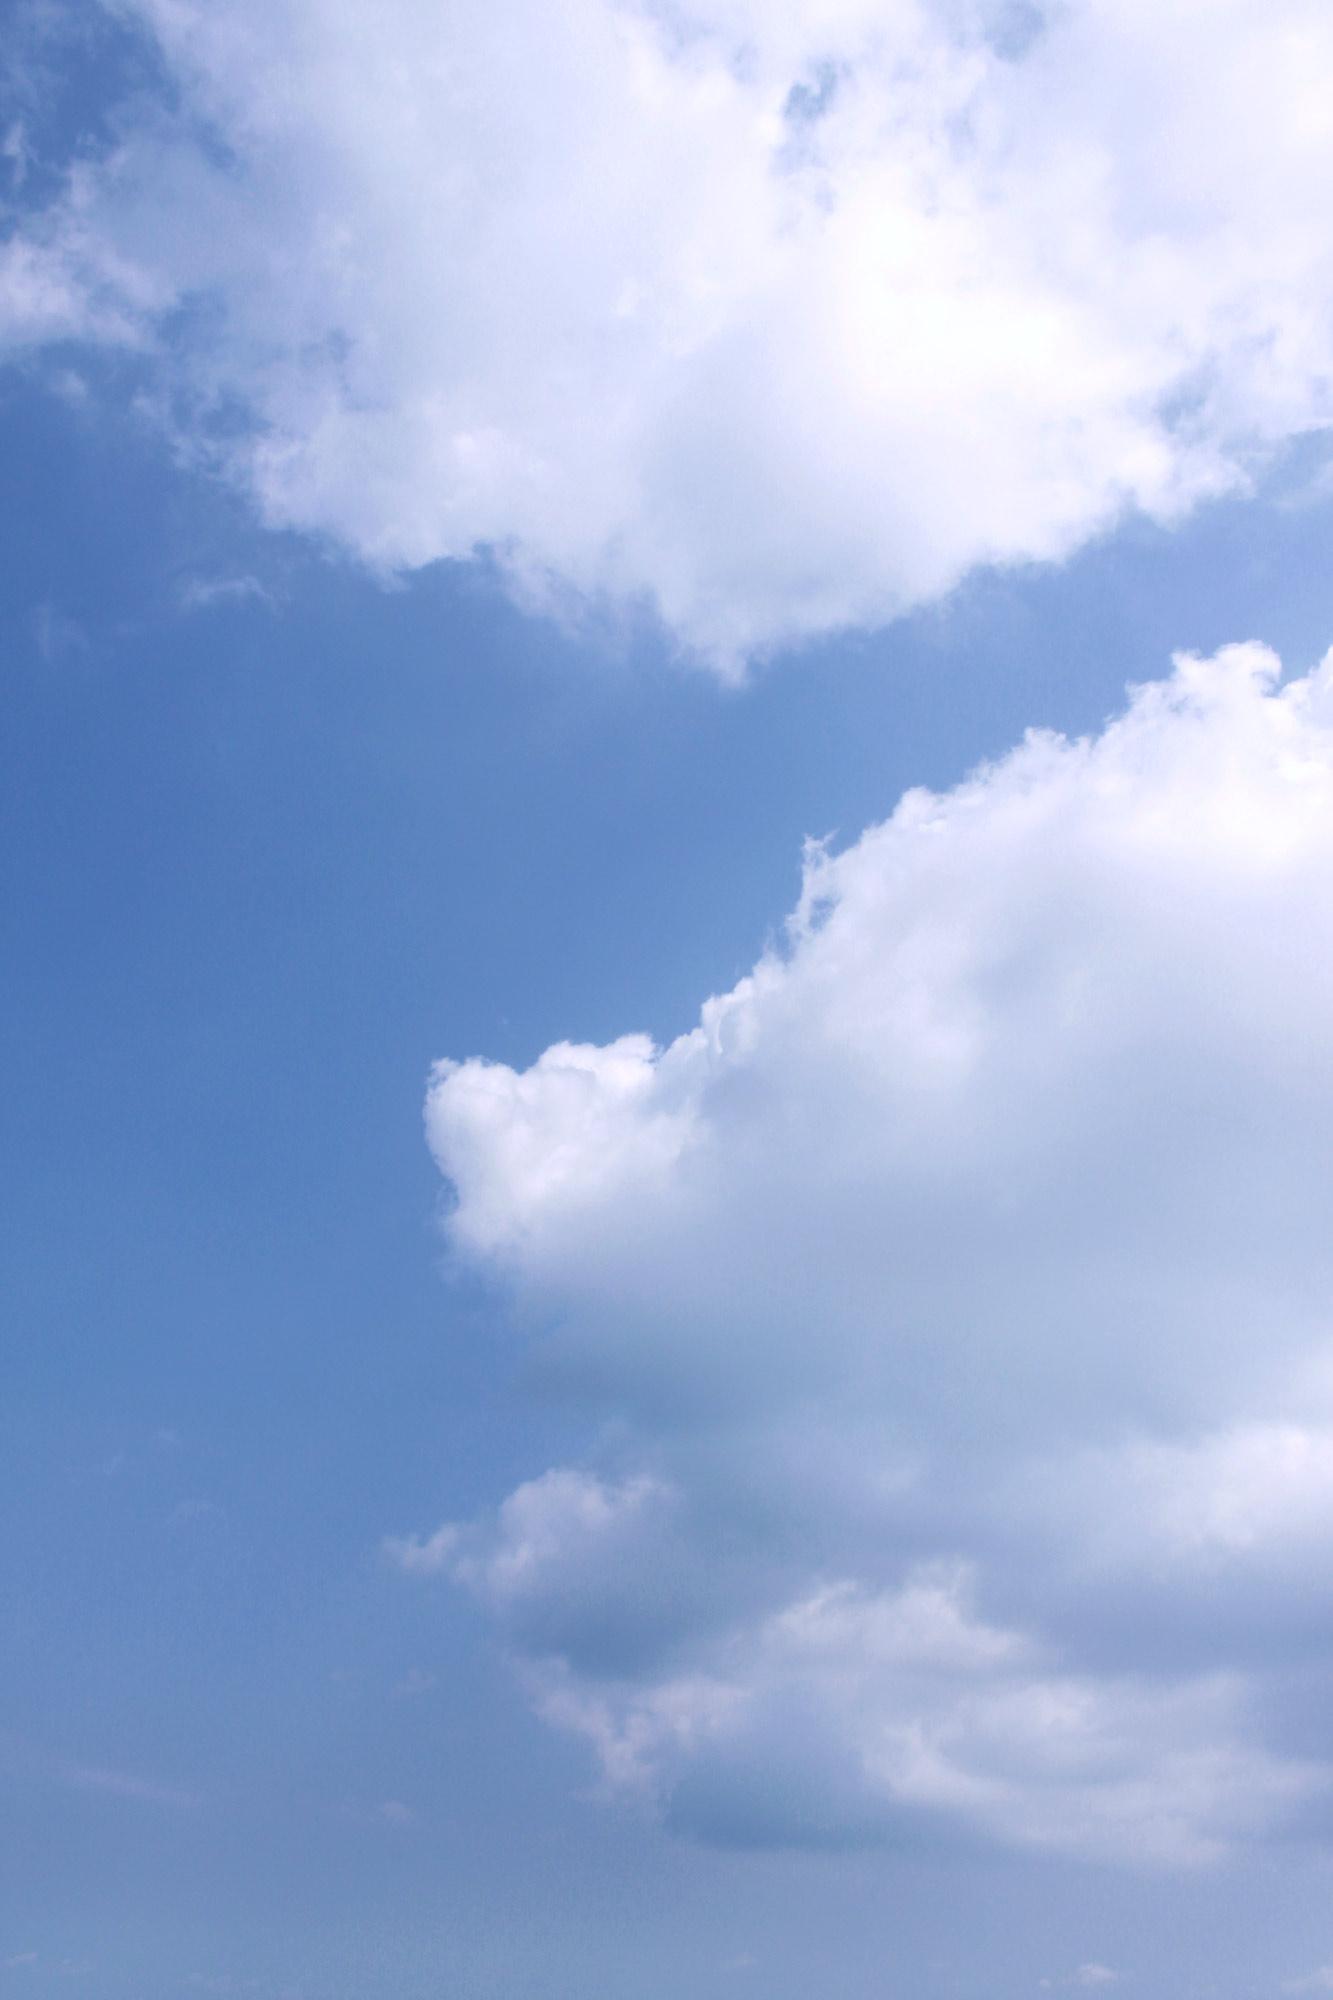 Himmel Wolken - kostenlose Bilder download | Titania Foto